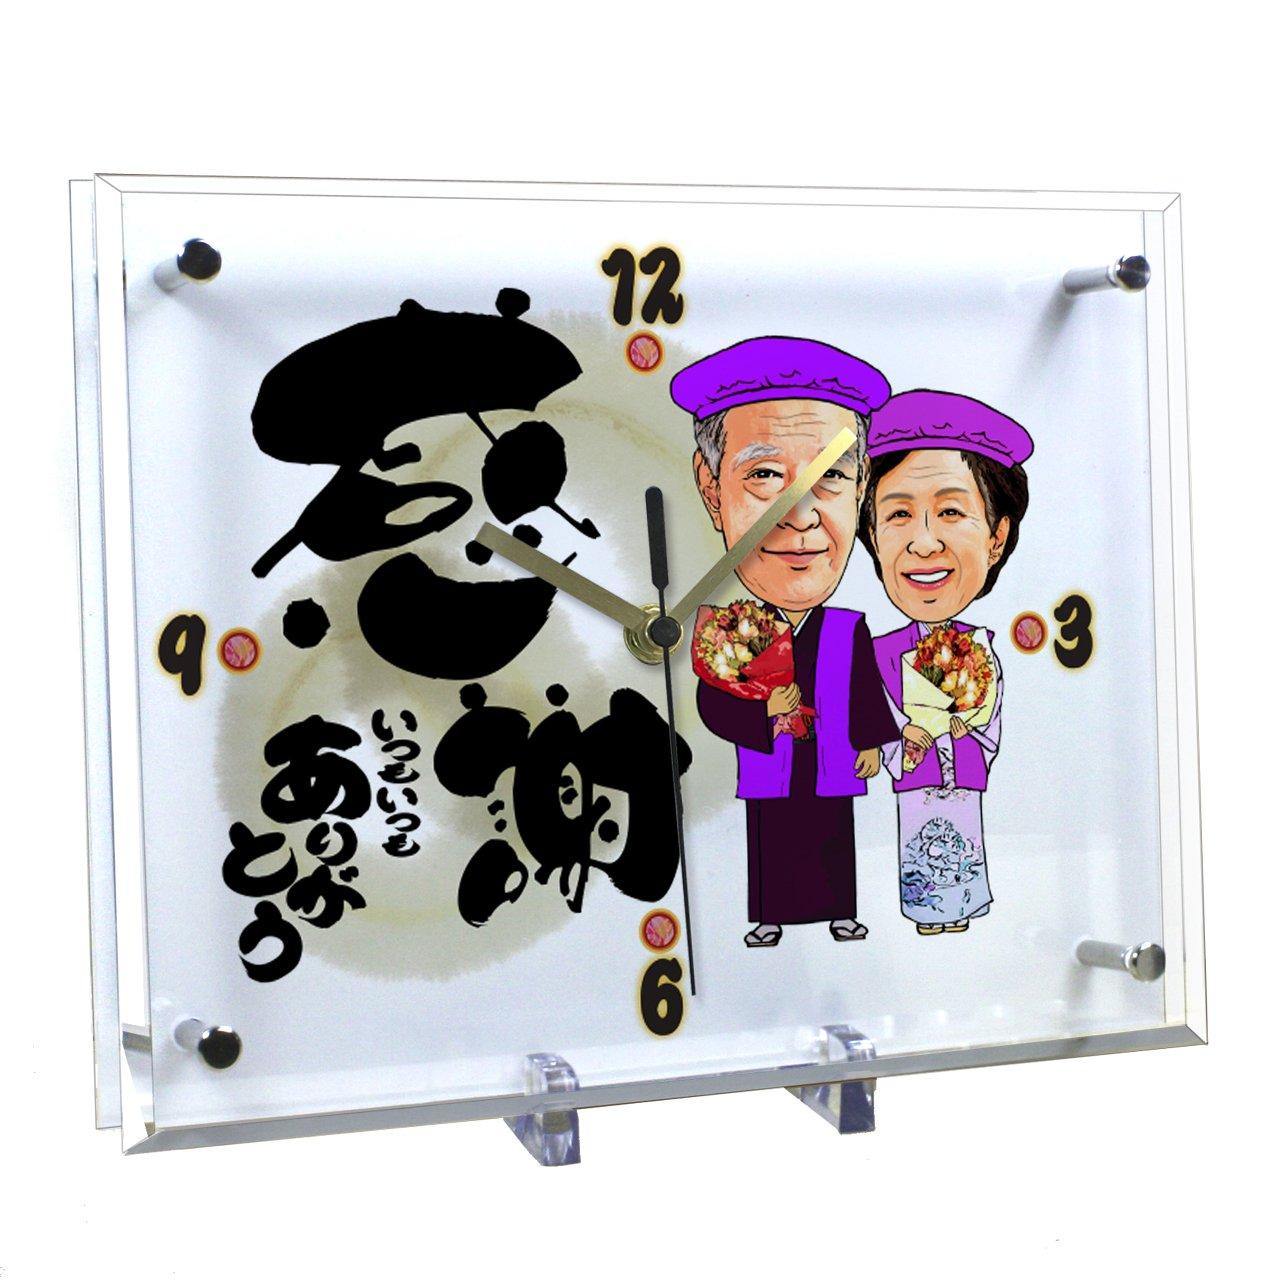 喜寿祝いのプレゼントに 似顔絵時計 大サイズ N-2 古希祝い 傘寿祝い B074FTWFCL